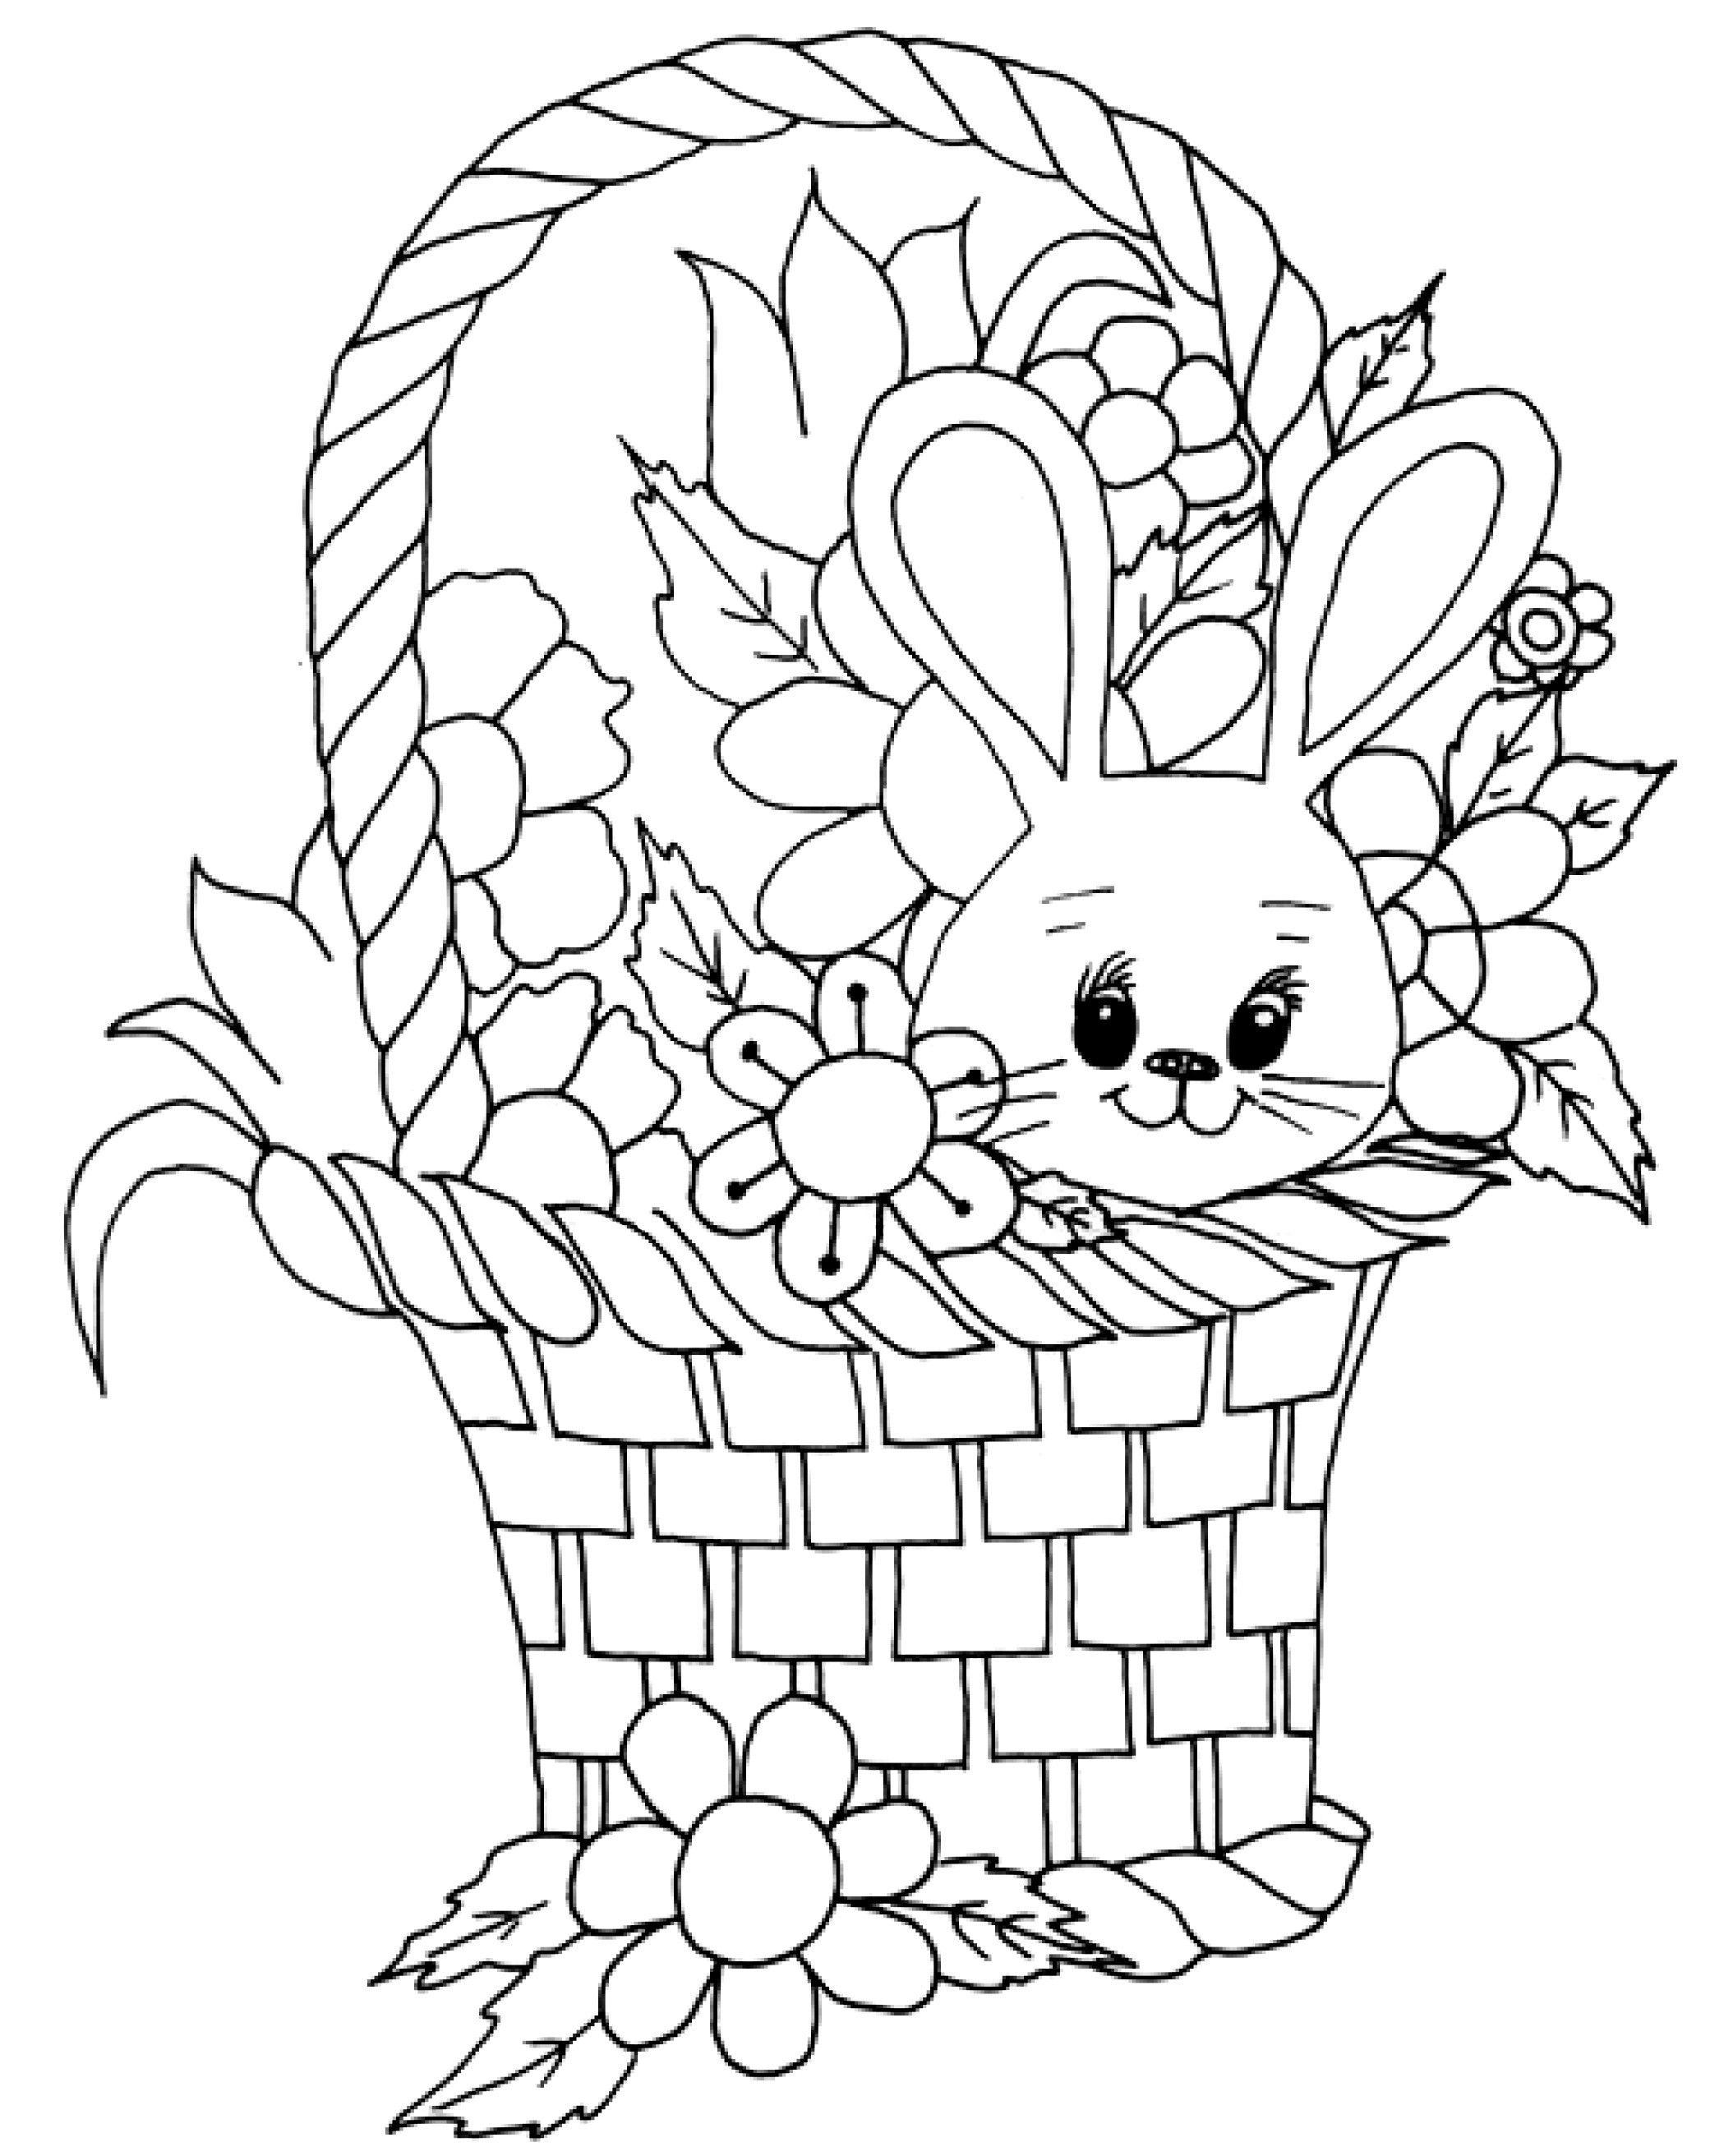 Frisch Ostern Bilder Zum Ausmalen Farbung Malvorlagen Malvorlagenfurkinder Kostenlose Ausmalbilder Ausmalbilder Malvorlagen Ostern